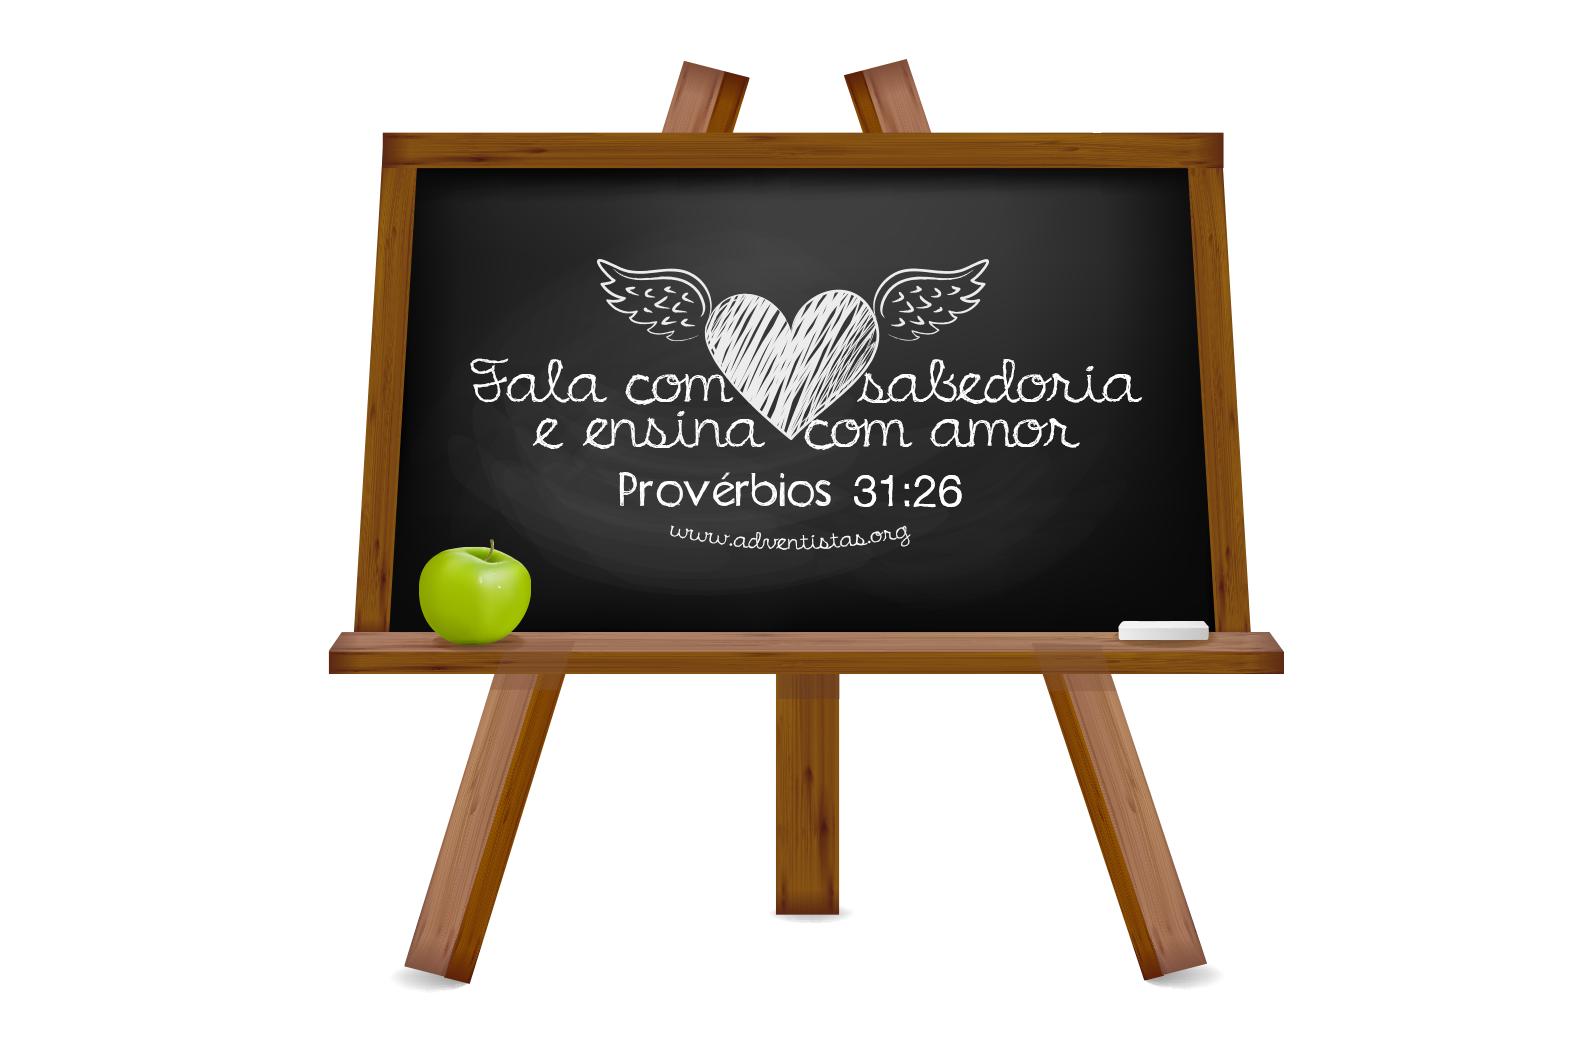 fala-com-sabedoria_Proverbios21v36